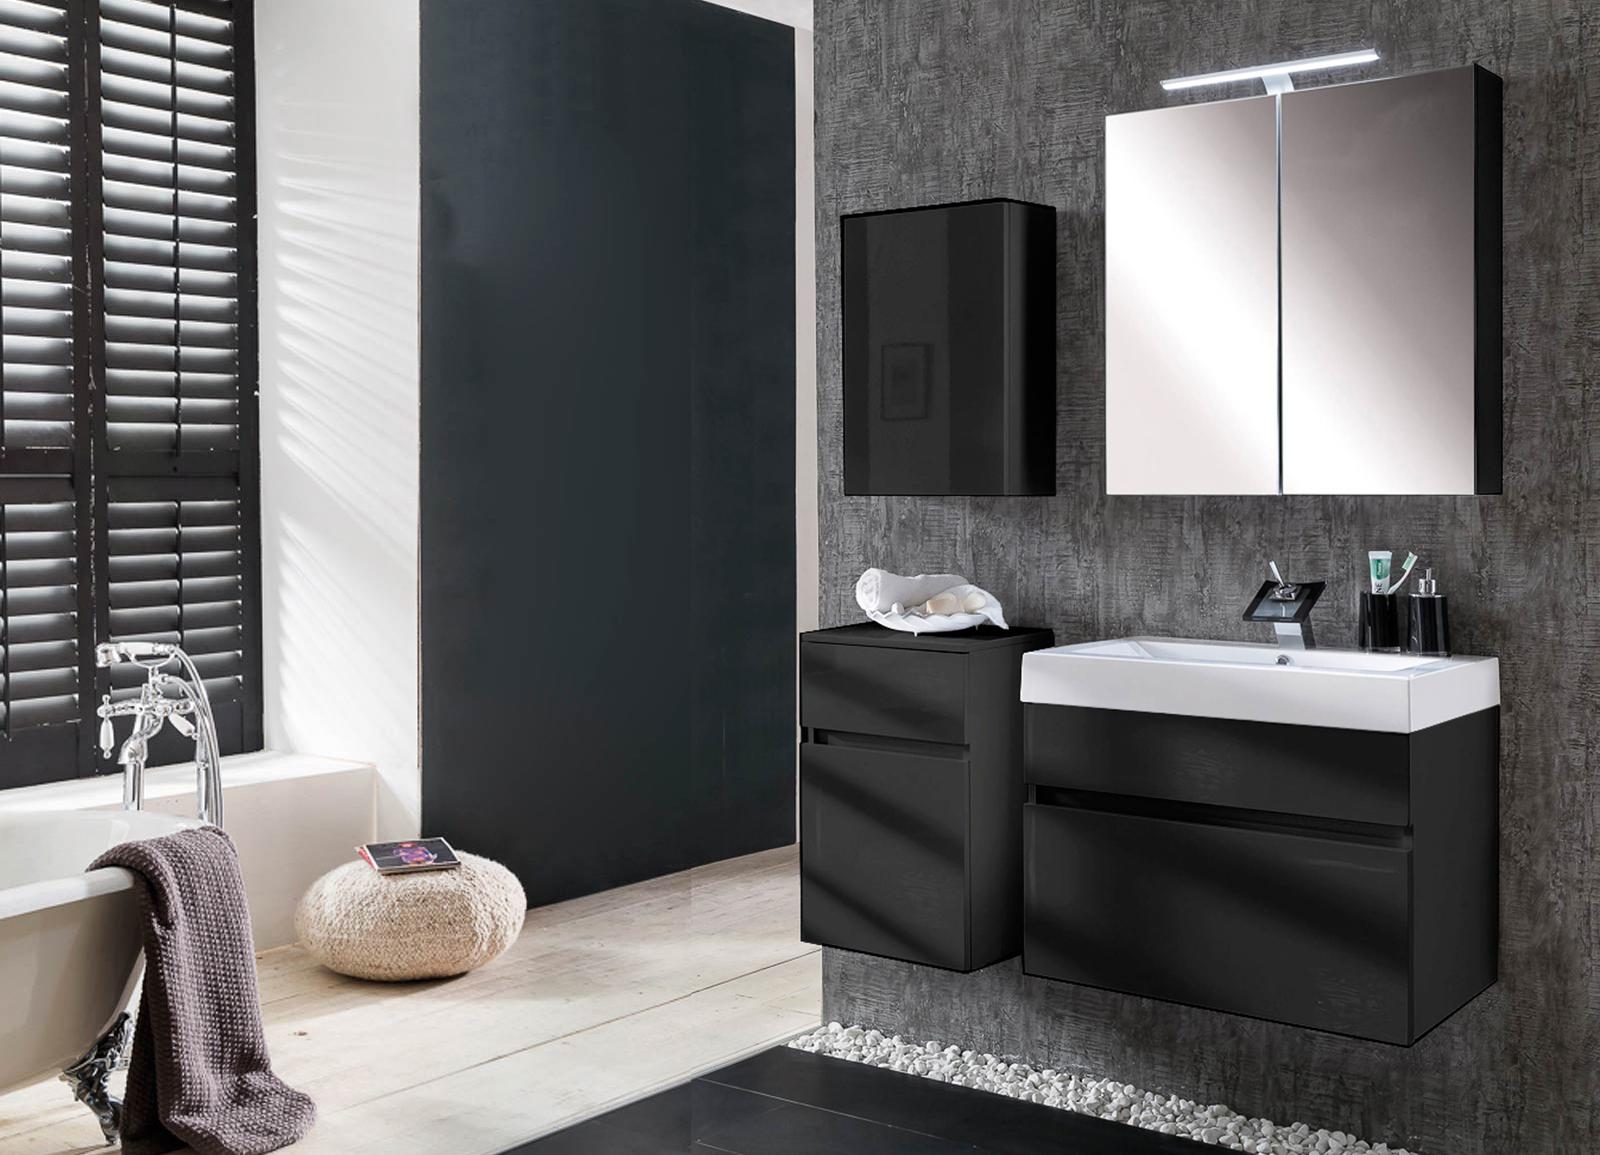 sam badezimmerm bel parma 4tlg schwarz hochglanz 70 cm auf lager. Black Bedroom Furniture Sets. Home Design Ideas